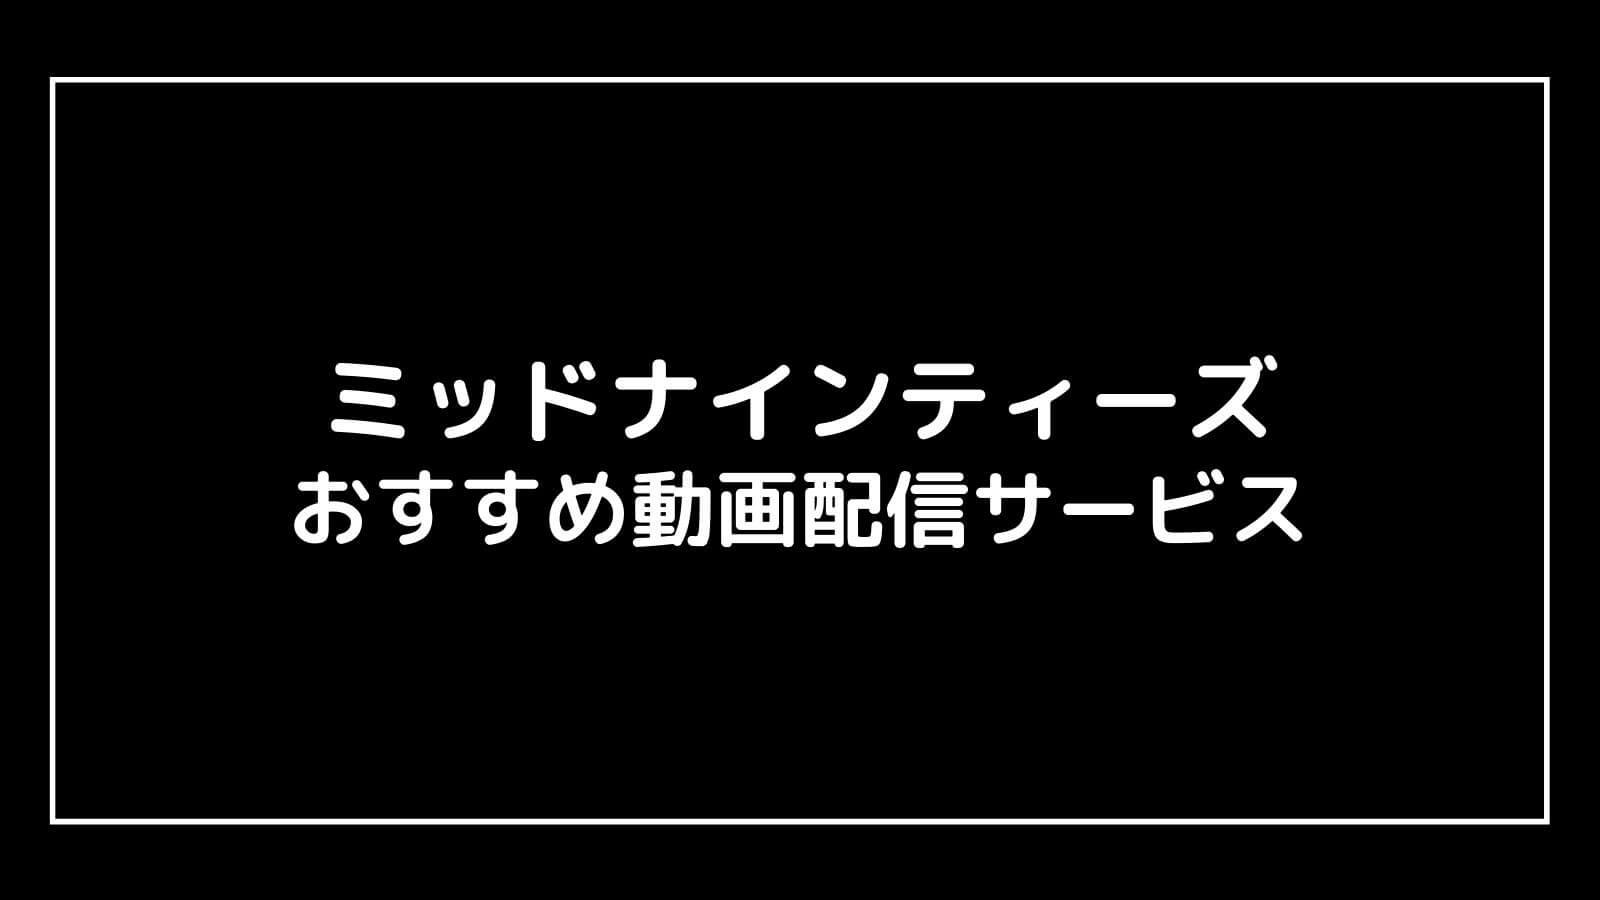 映画『mid90s ミッドナインティーズ』の無料動画配信をフル視聴できる動画配信サイト